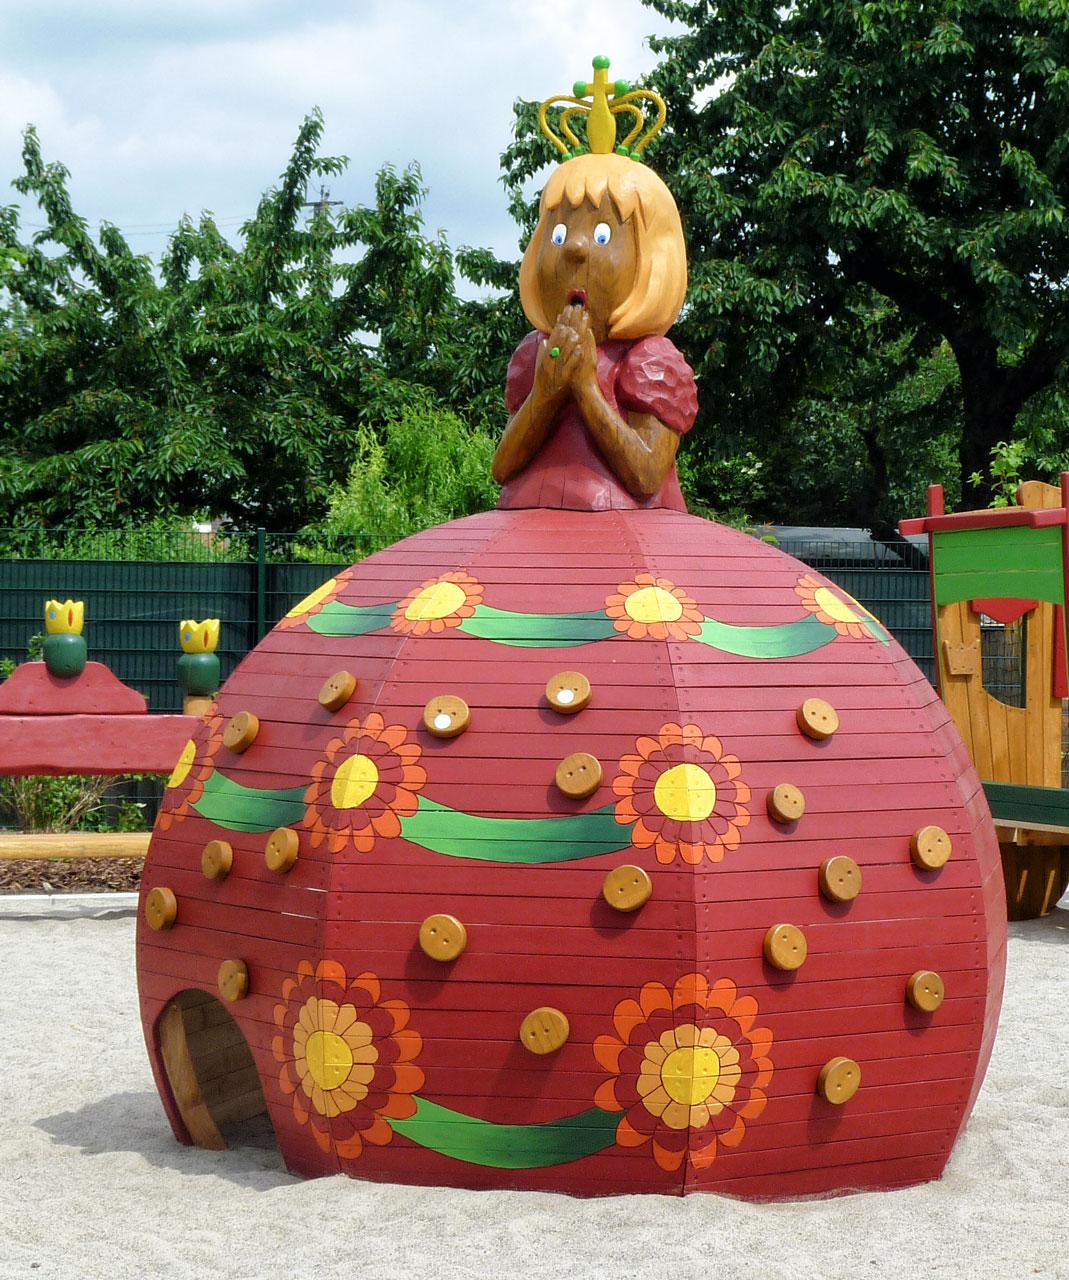 A 205 Themenspielplatz Prinzessin Heiderose